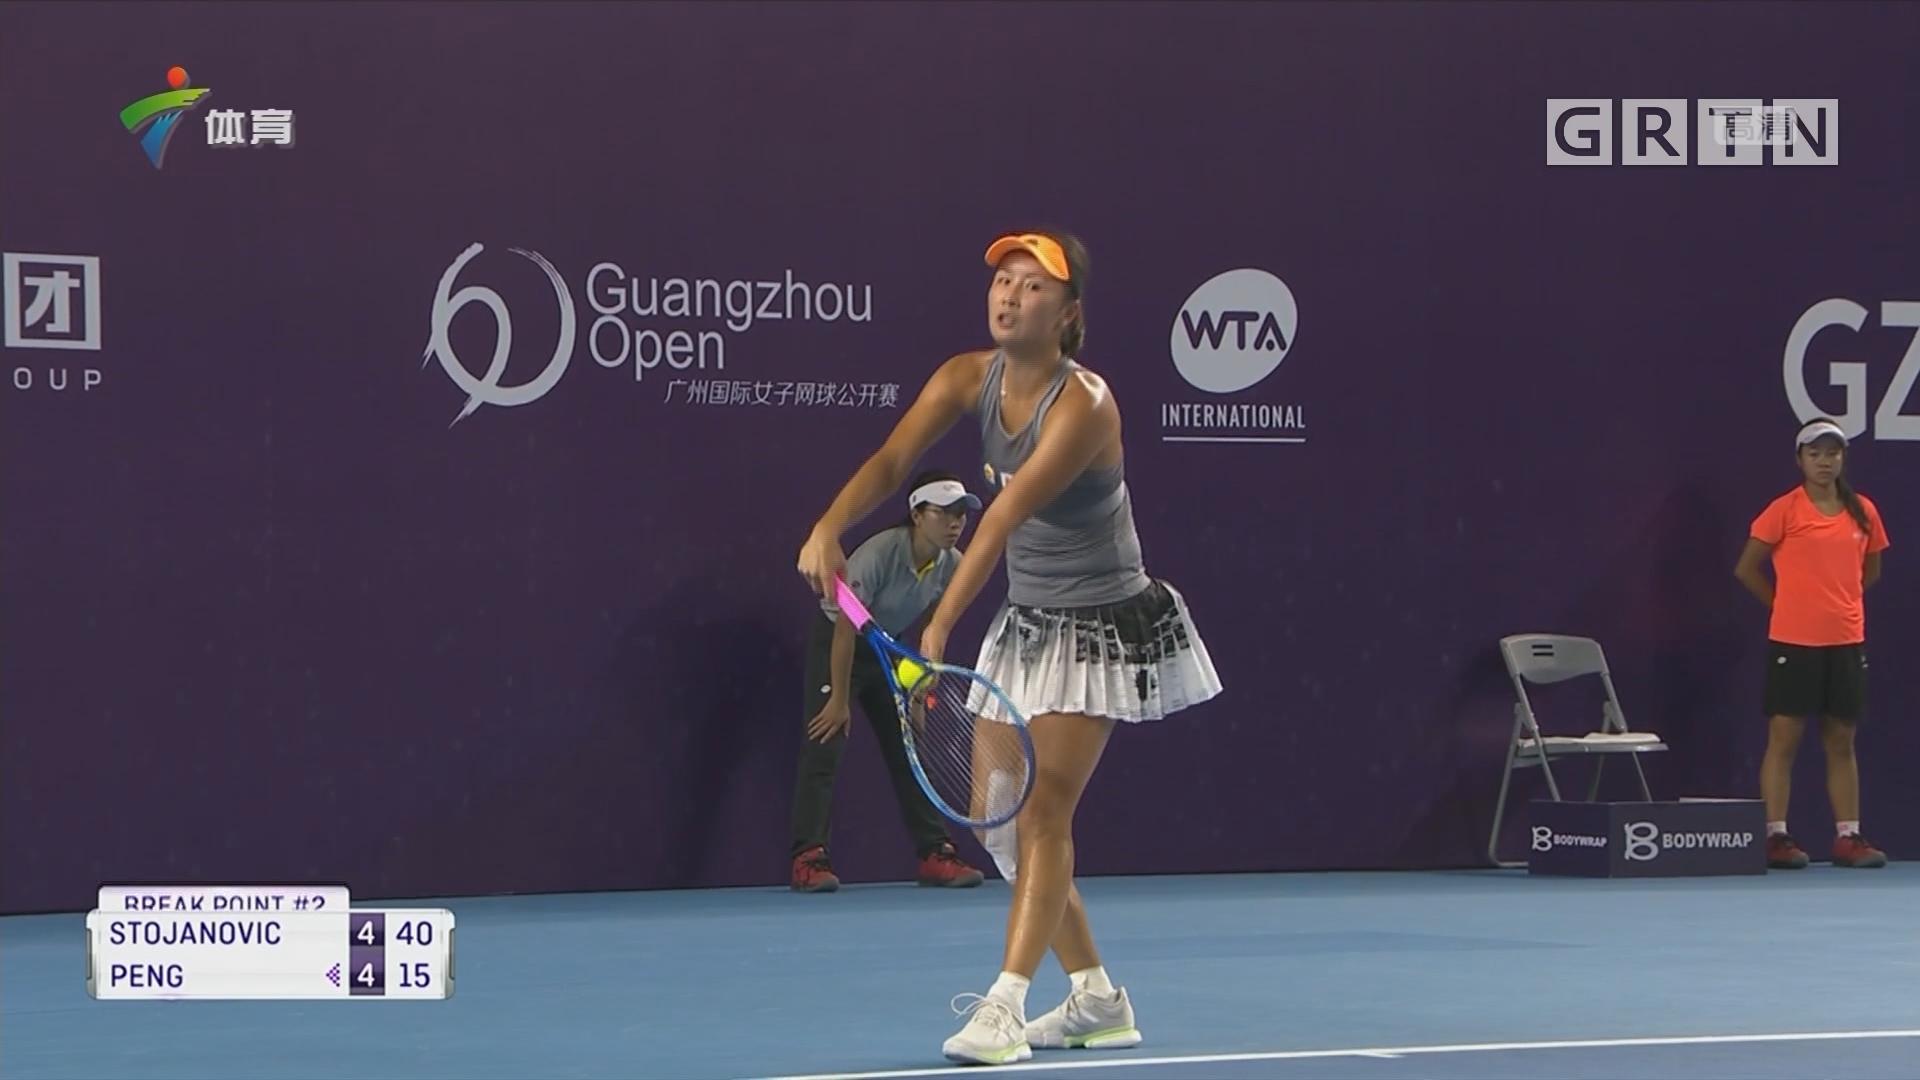 广州国际女子网球公开赛情况